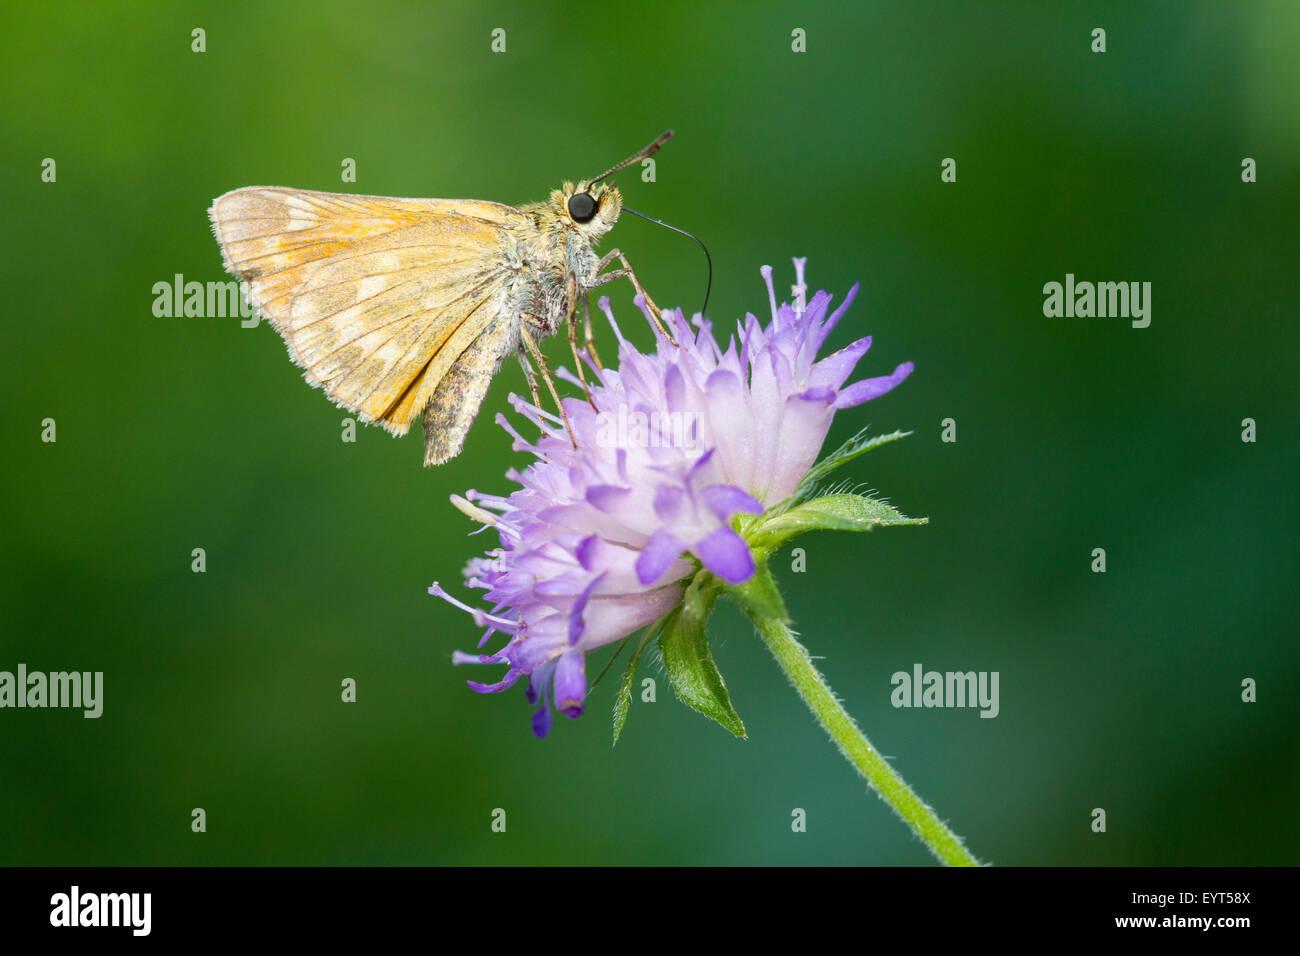 Un skipper es chupar néctar de una flor compuesta. Foto de stock